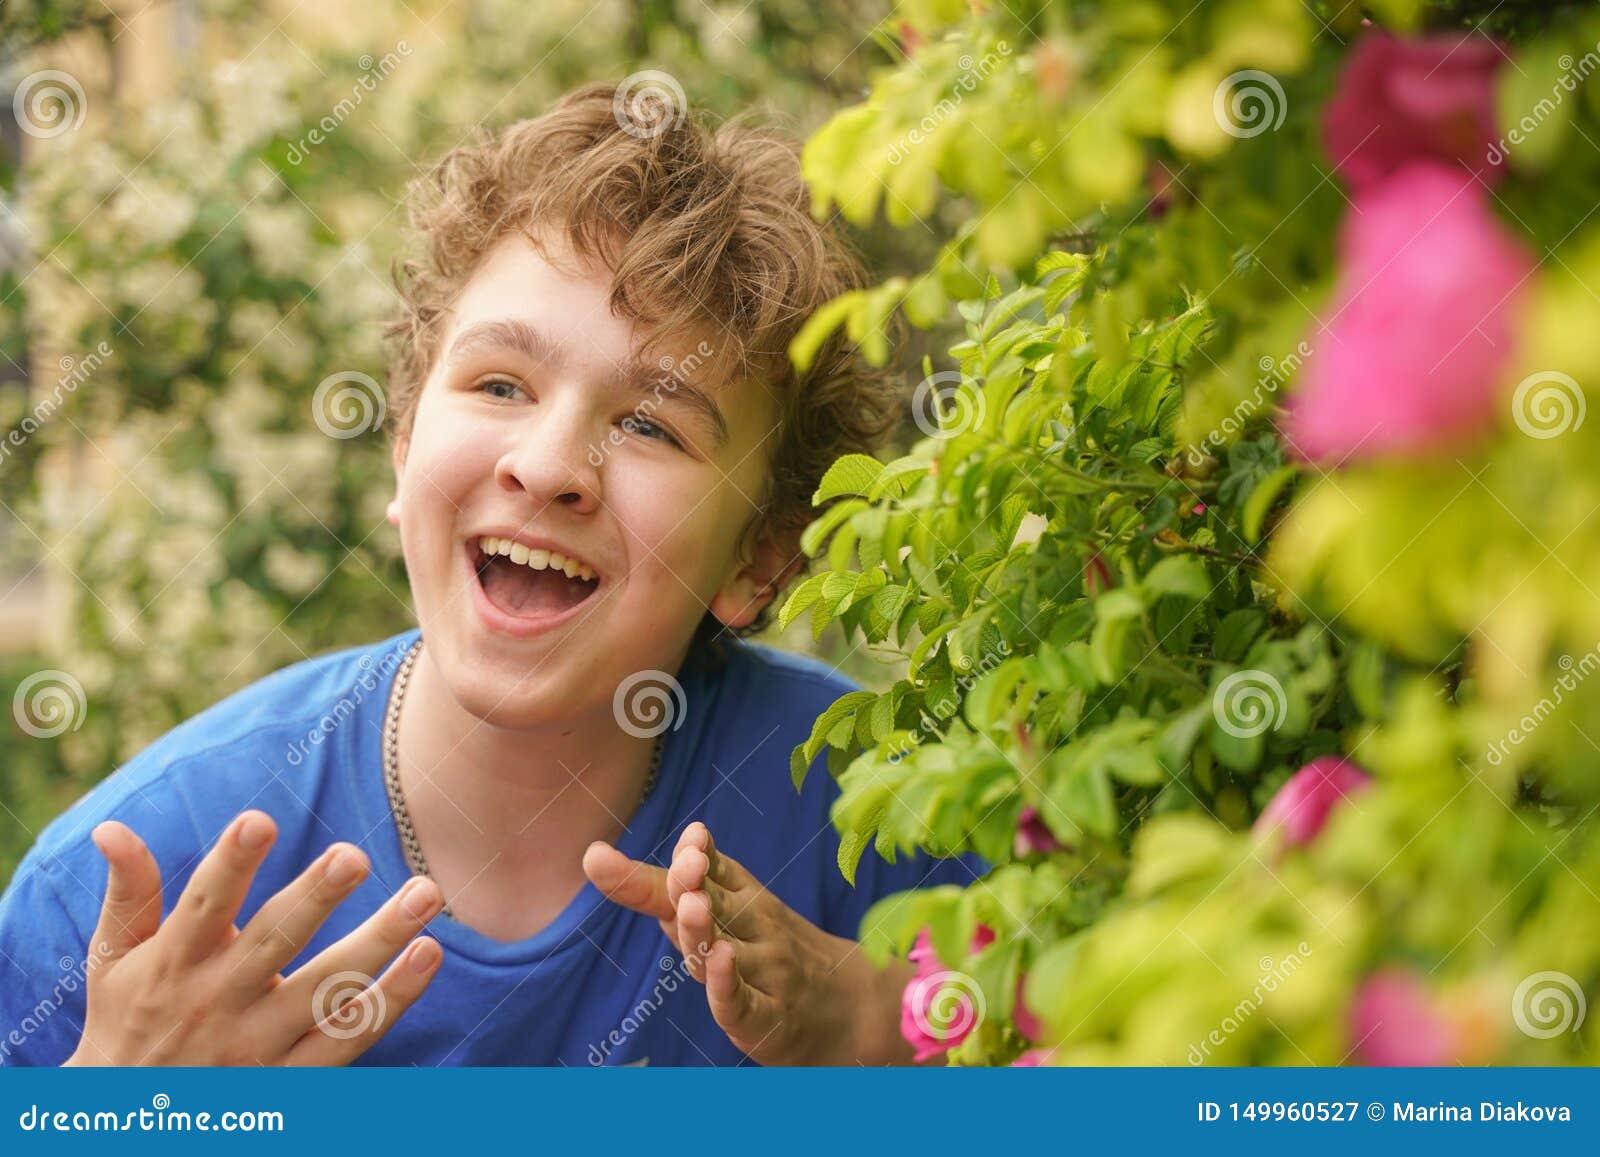 Den unga mannen står bland blommorna och tycker om sommar och att blomma